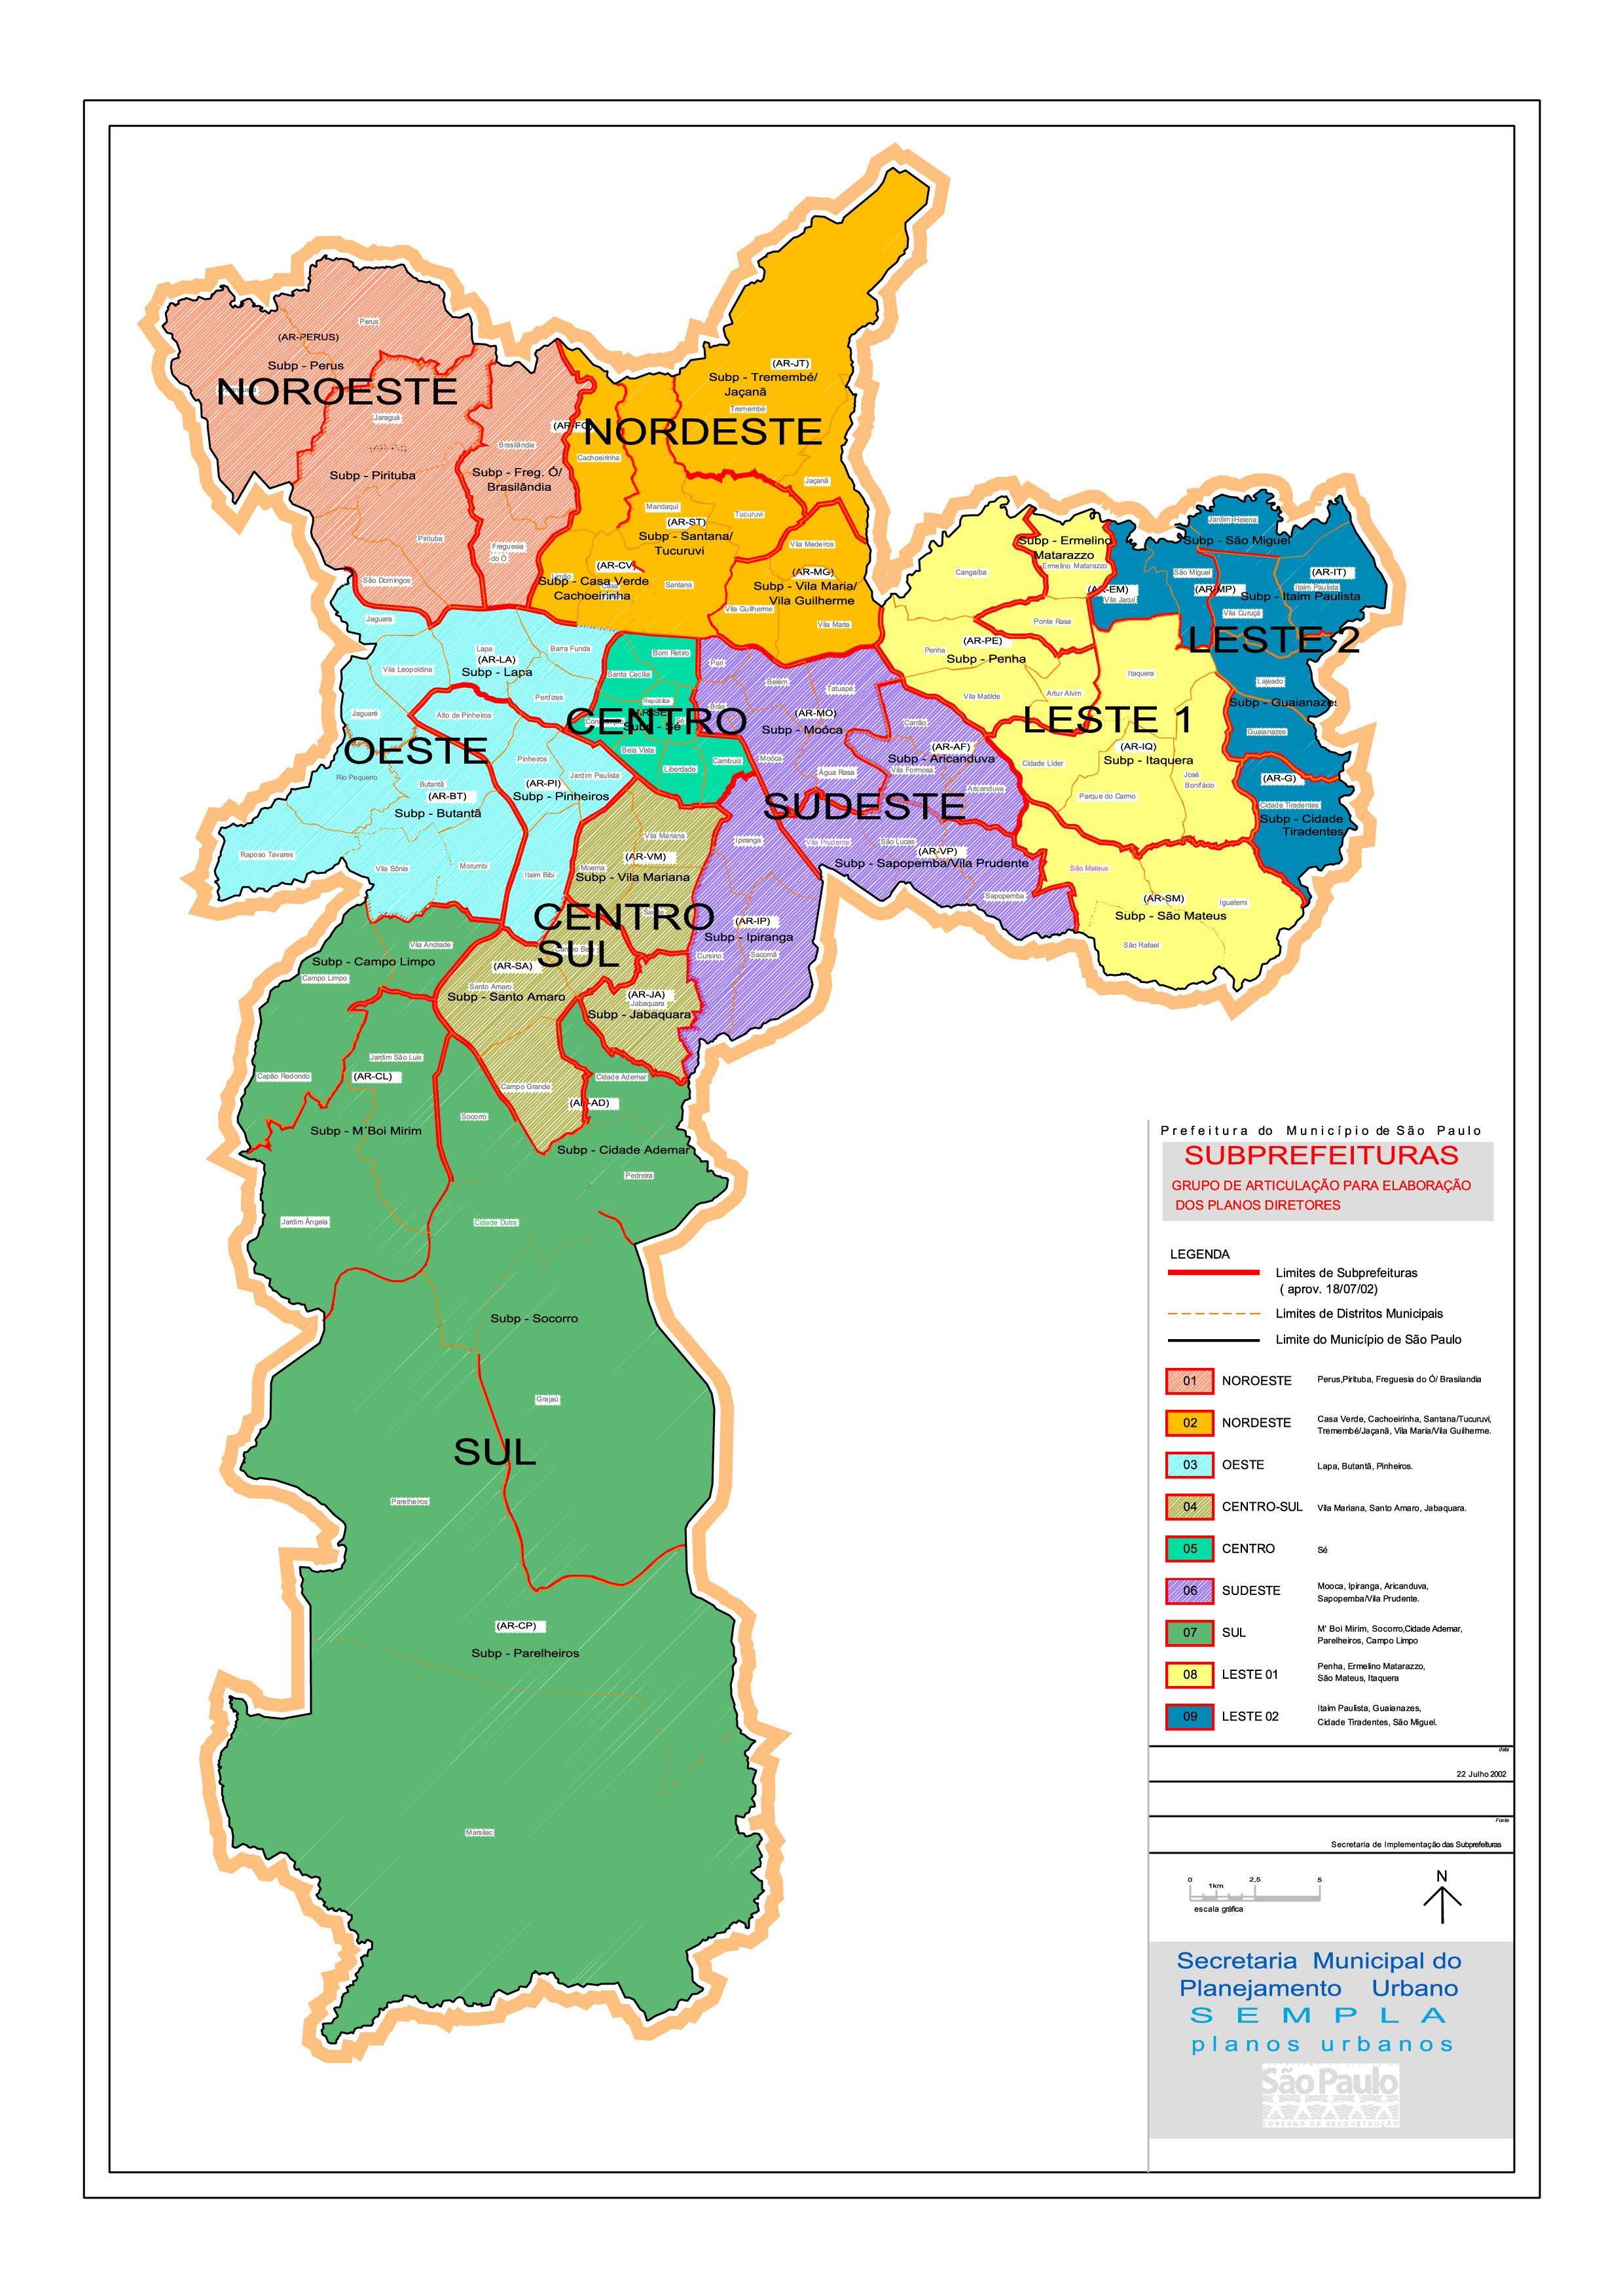 d6b84da22 Regiões de São Paulo mapa - Mapa das regiões de São Paulo (Brasil)